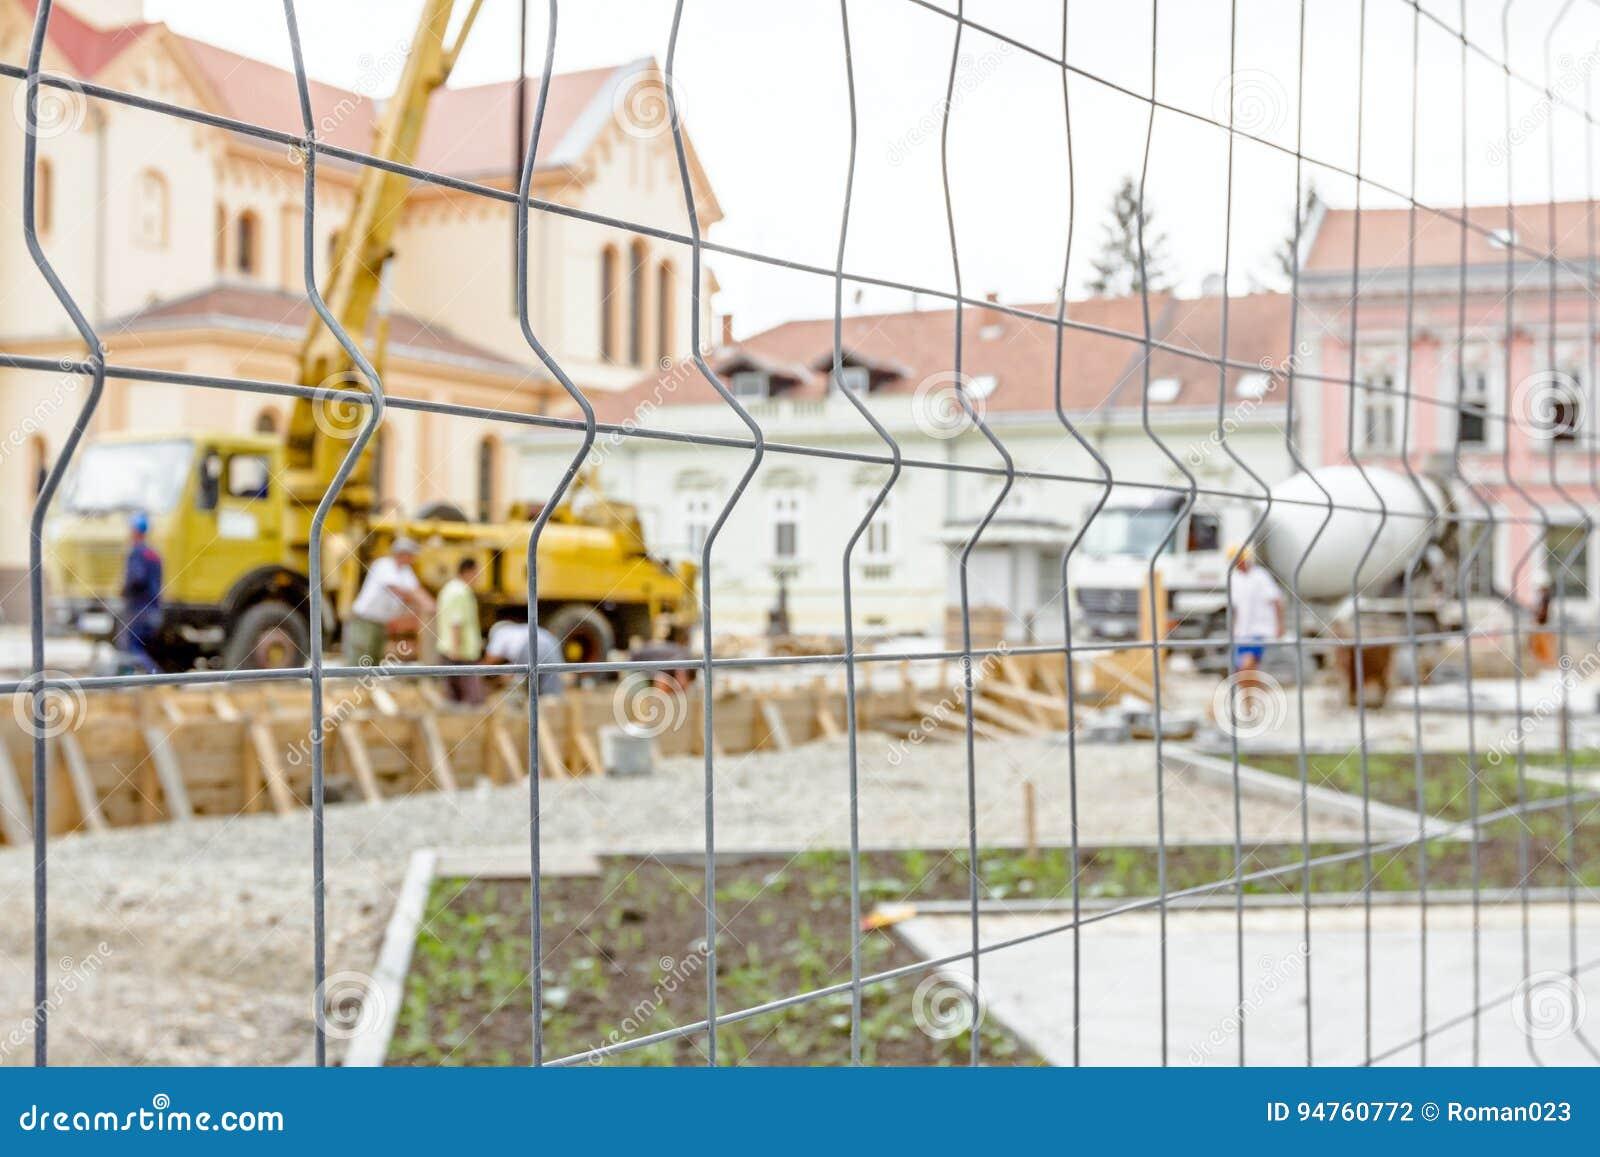 在建筑工地附近的局限的空间